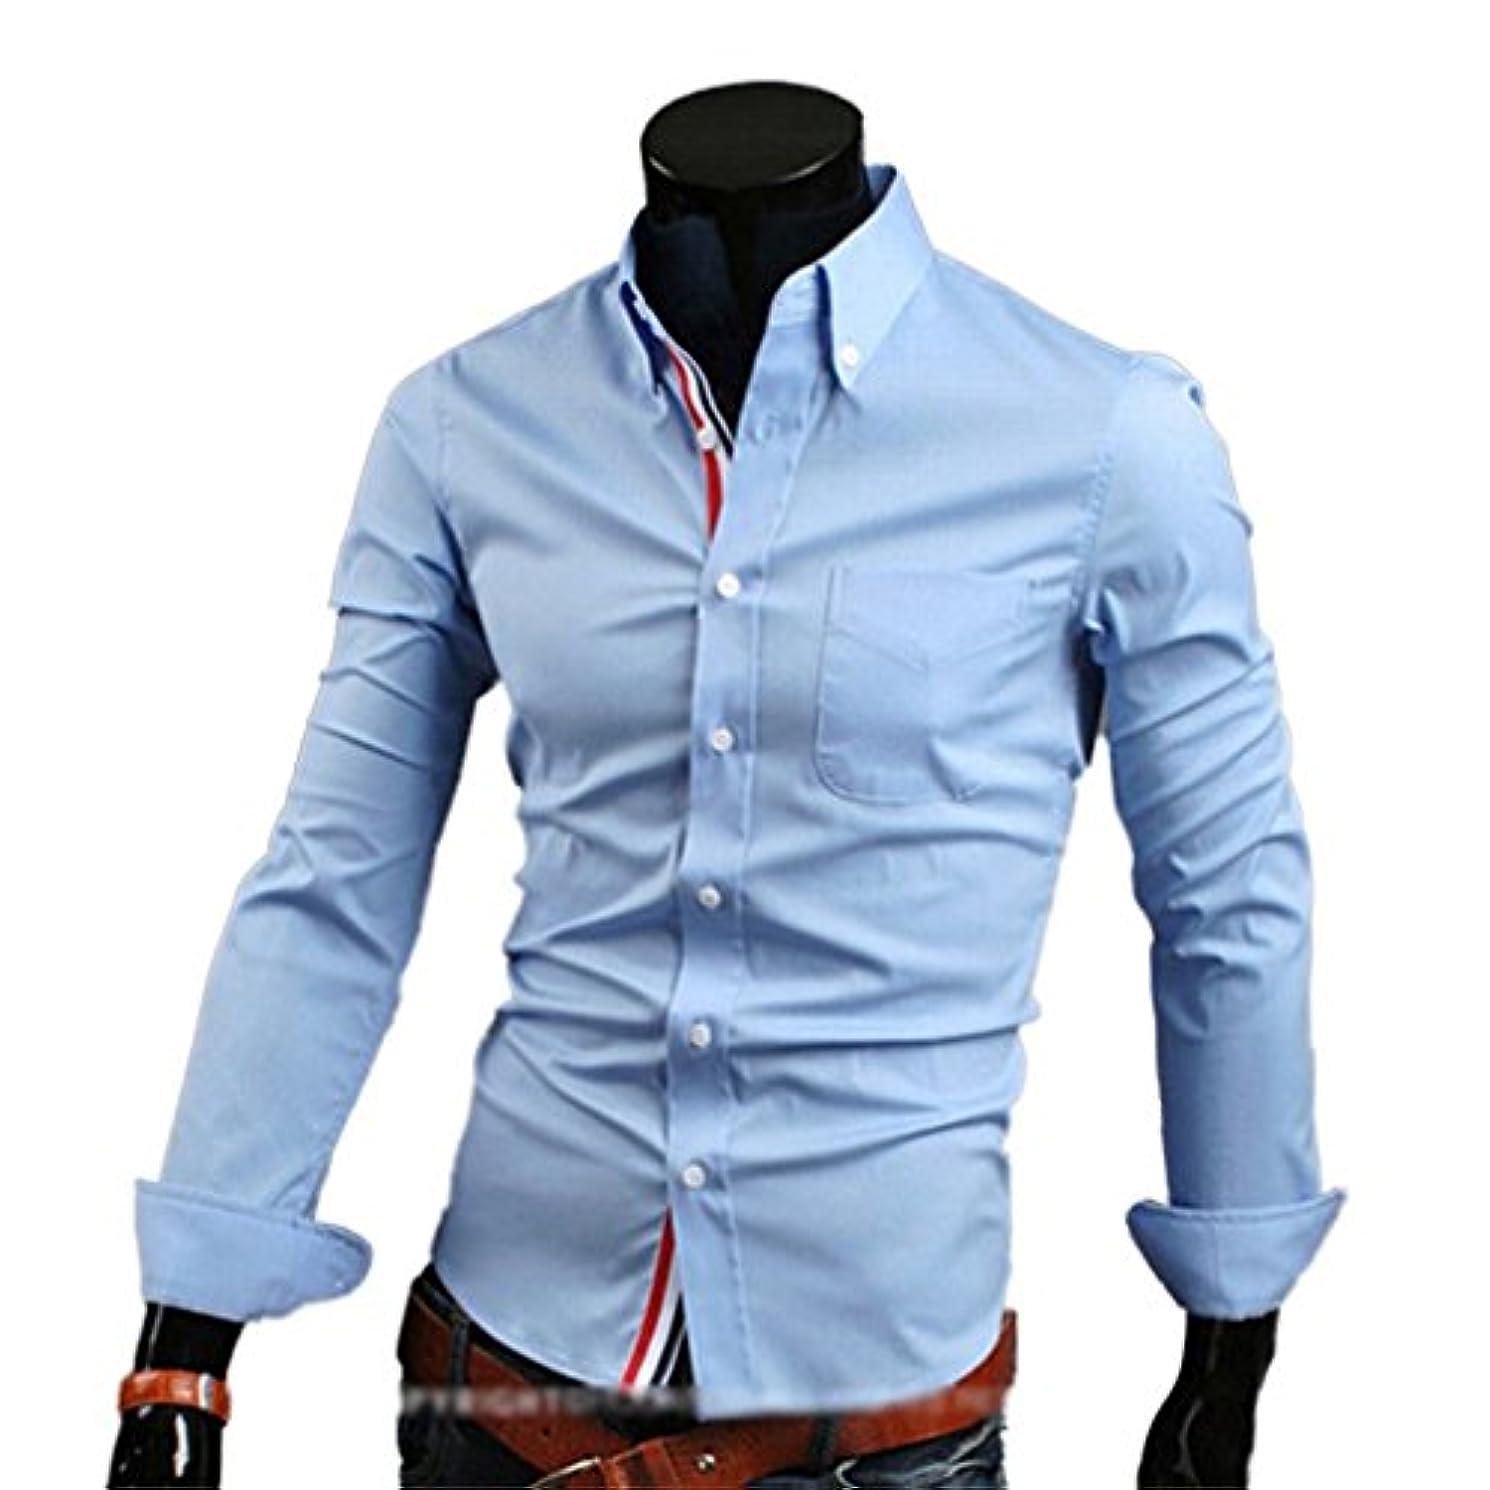 起点近所のキュービックHonghu メンズ シャツ 長袖  カジュアル織テープ シンプル ライトブルー L 1PC